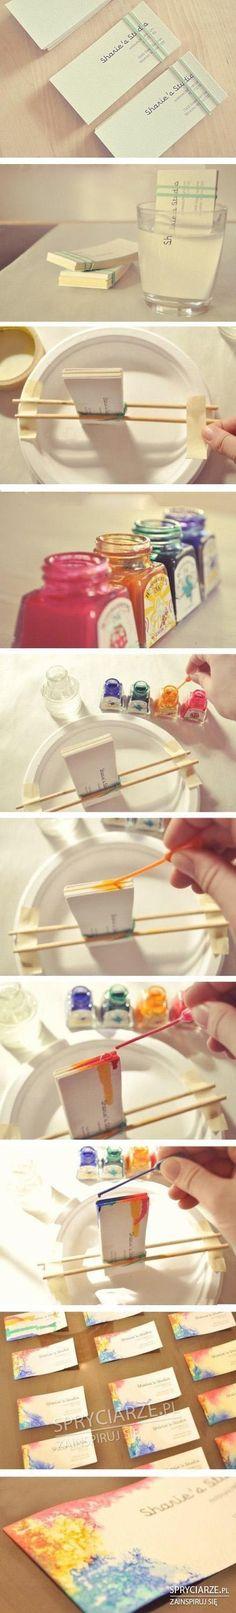 Wizytówki barwione ręcznie